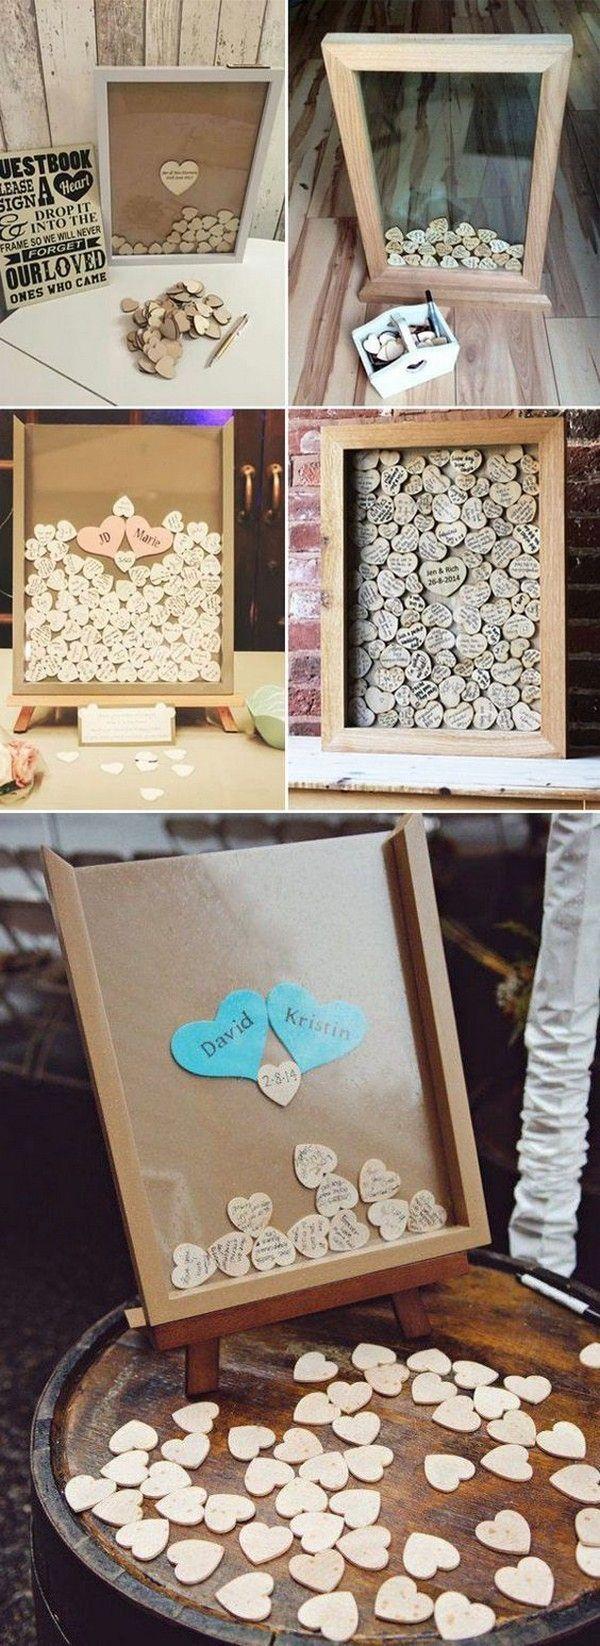 einzigartige hochzeit gästebuch ideen #hochzeitsgruß #weddingguestbooks #einzi…